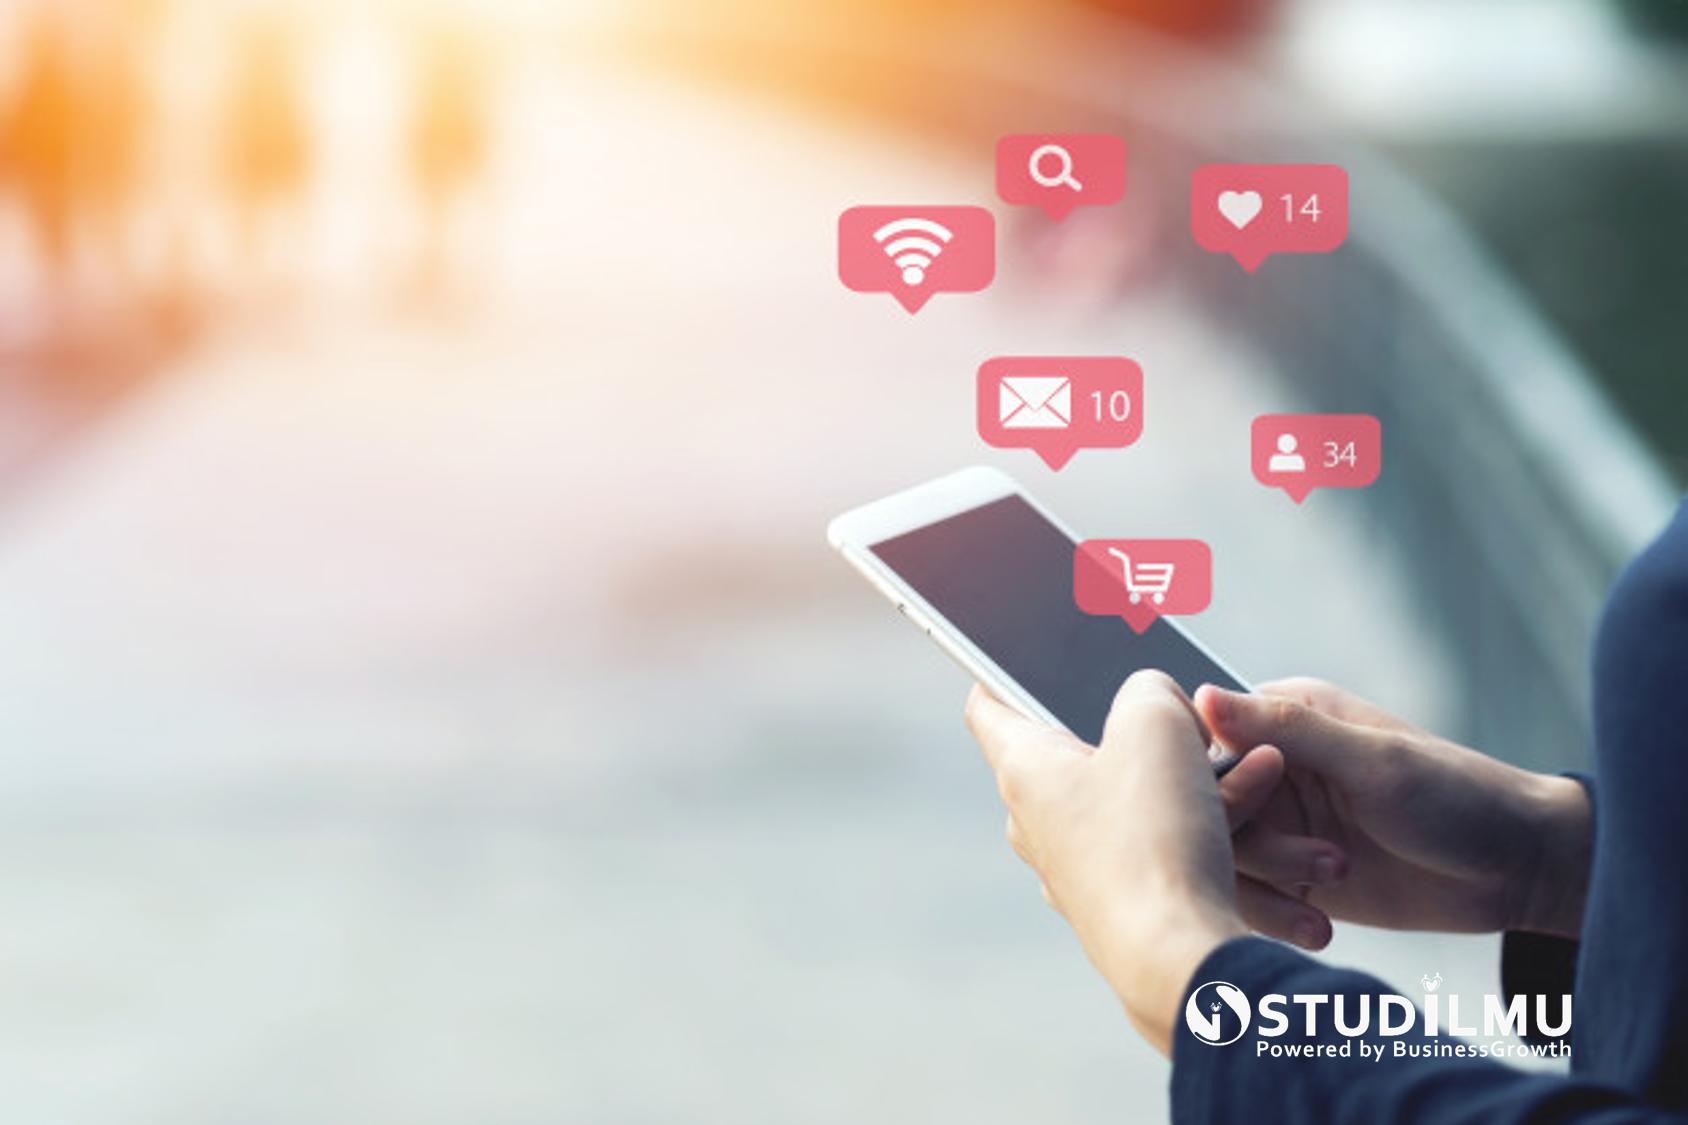 STUDILMU Career Advice - Hindari 4 Strategi Pemasaran Digital yang Rumit Ini